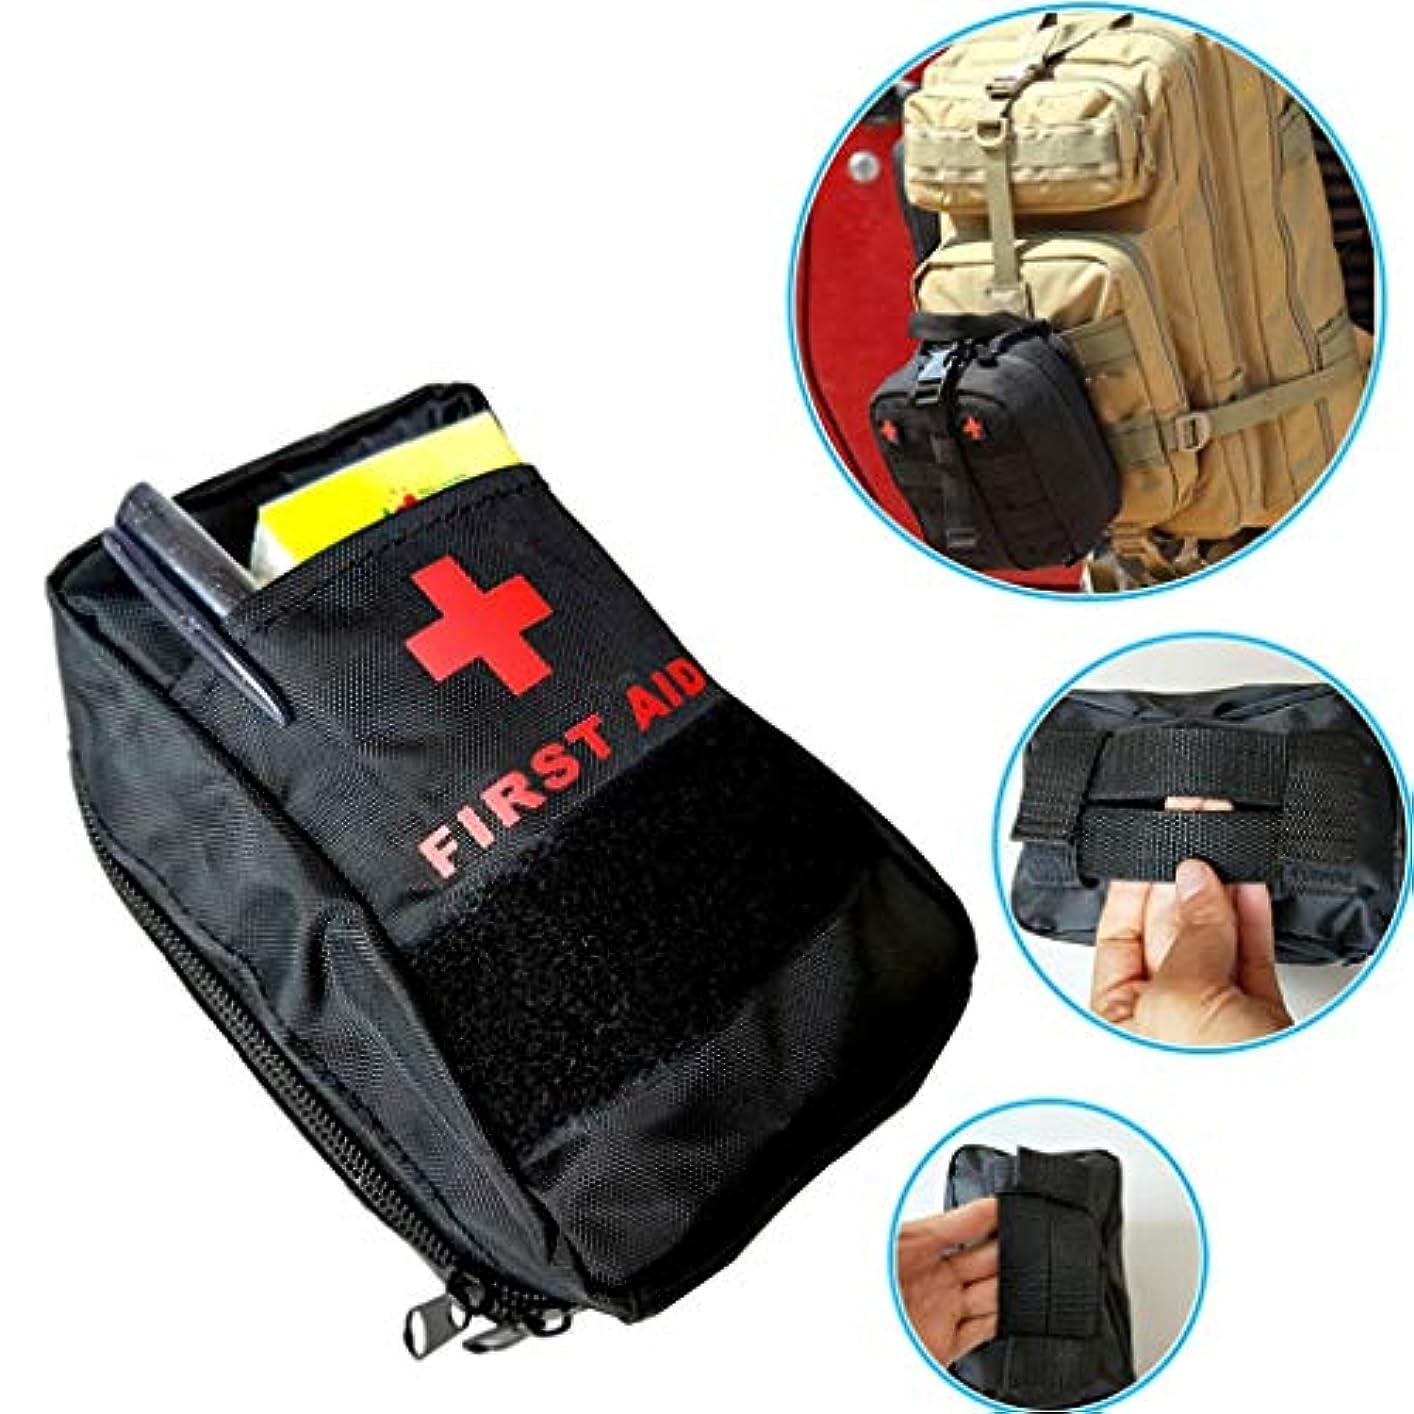 経由で品種セーブIVHJLP 携帯用救急箱の空の袋、ハイキング旅行家車のための小型札入れ袋の緊急のキット袋